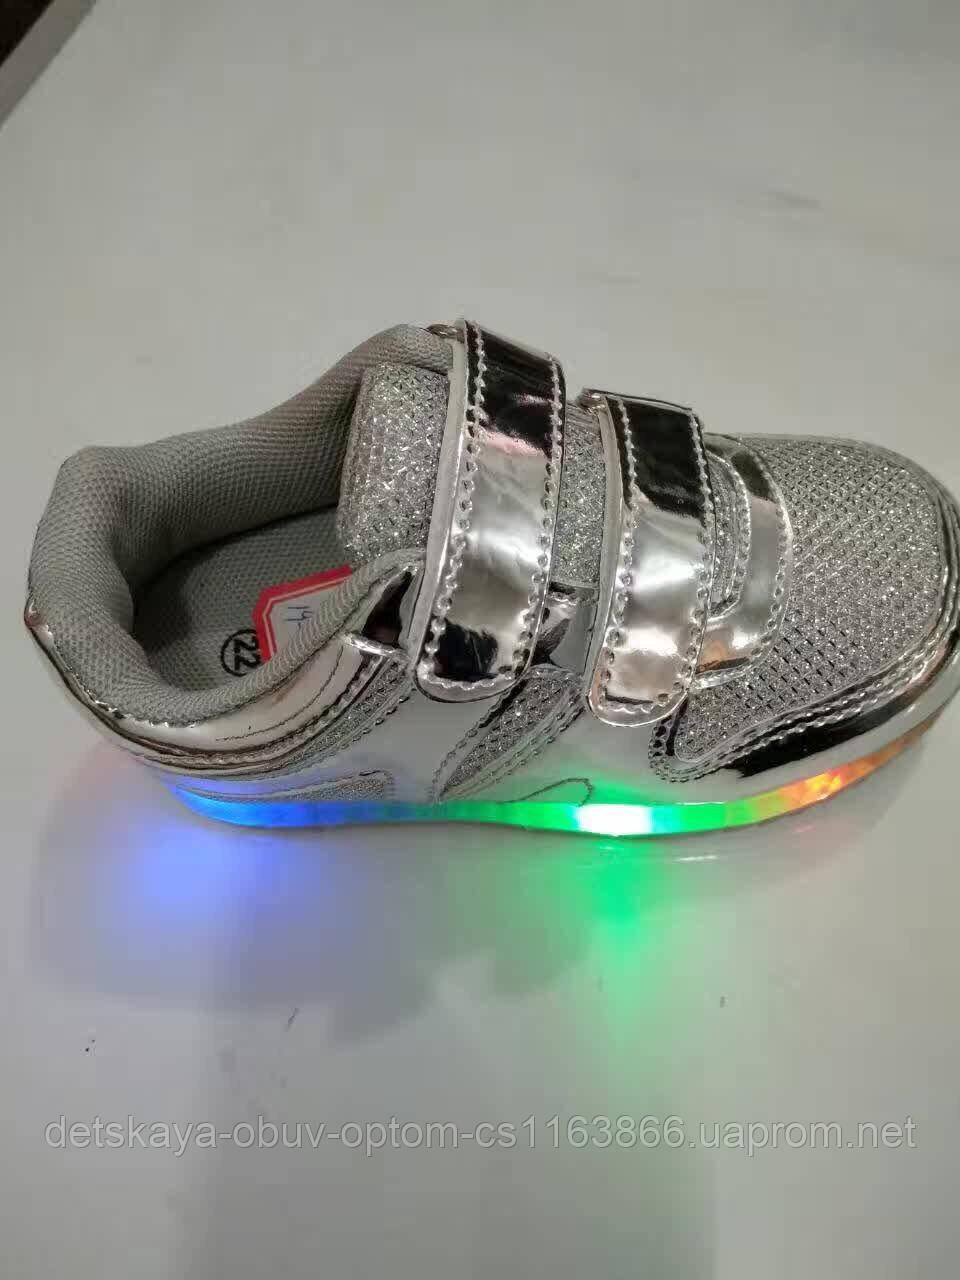 Детские кроссовки с мигалками для девочки Размер 22 по стельке 15 см. -  интернет- be71ddb26d3